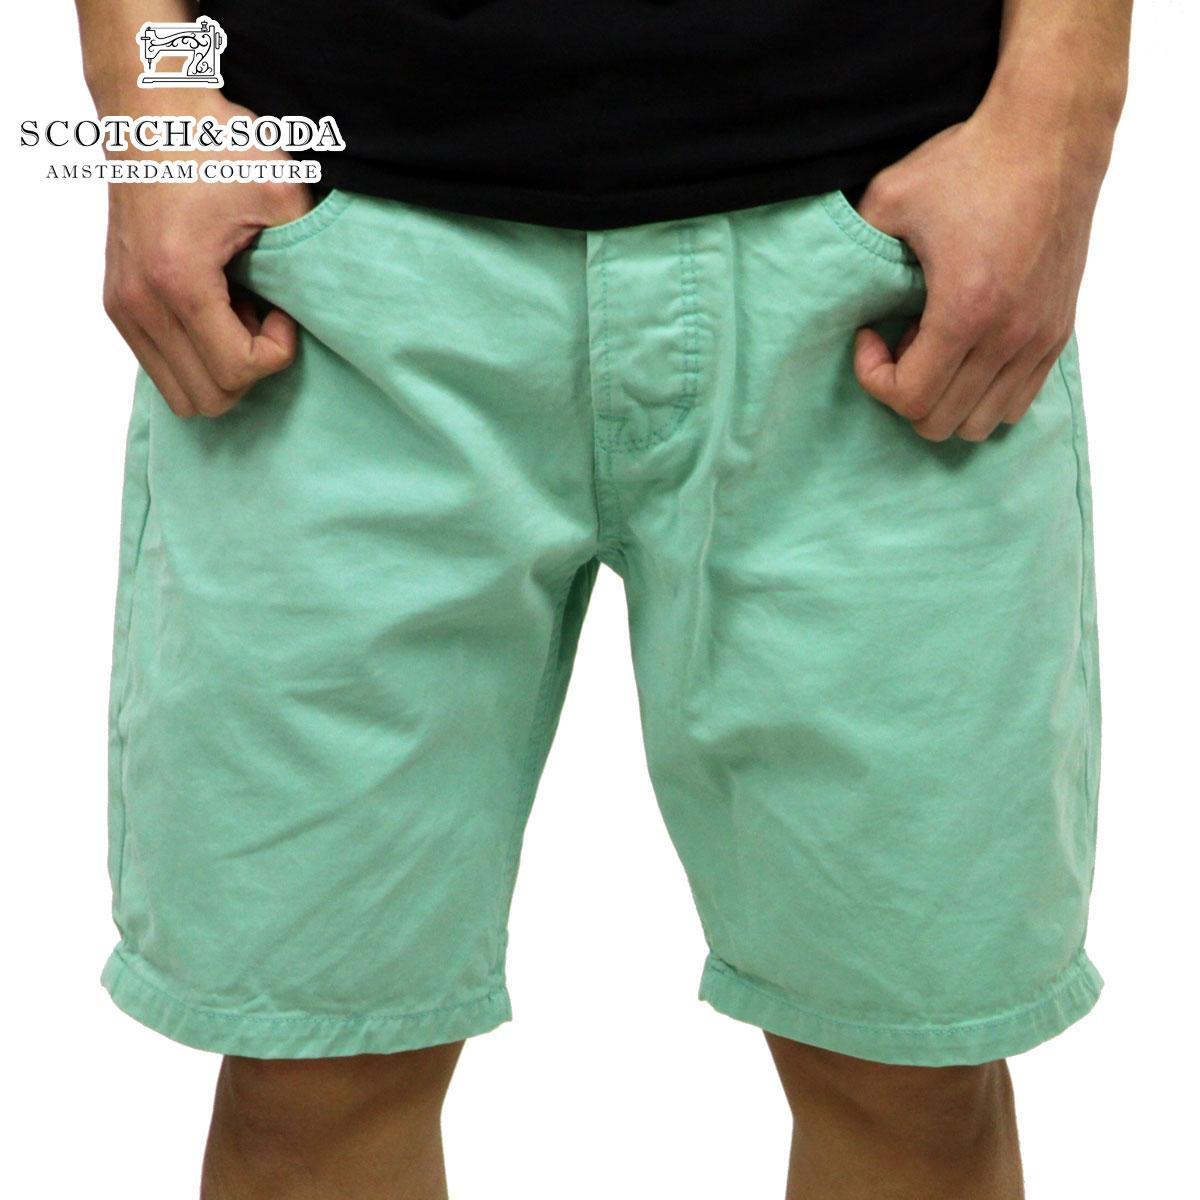 スコッチアンドソーダ SCOTCH&SODA 正規販売店 メンズ ショートパンツ Slim fit 5 pocket short. 81109 38 D15S25